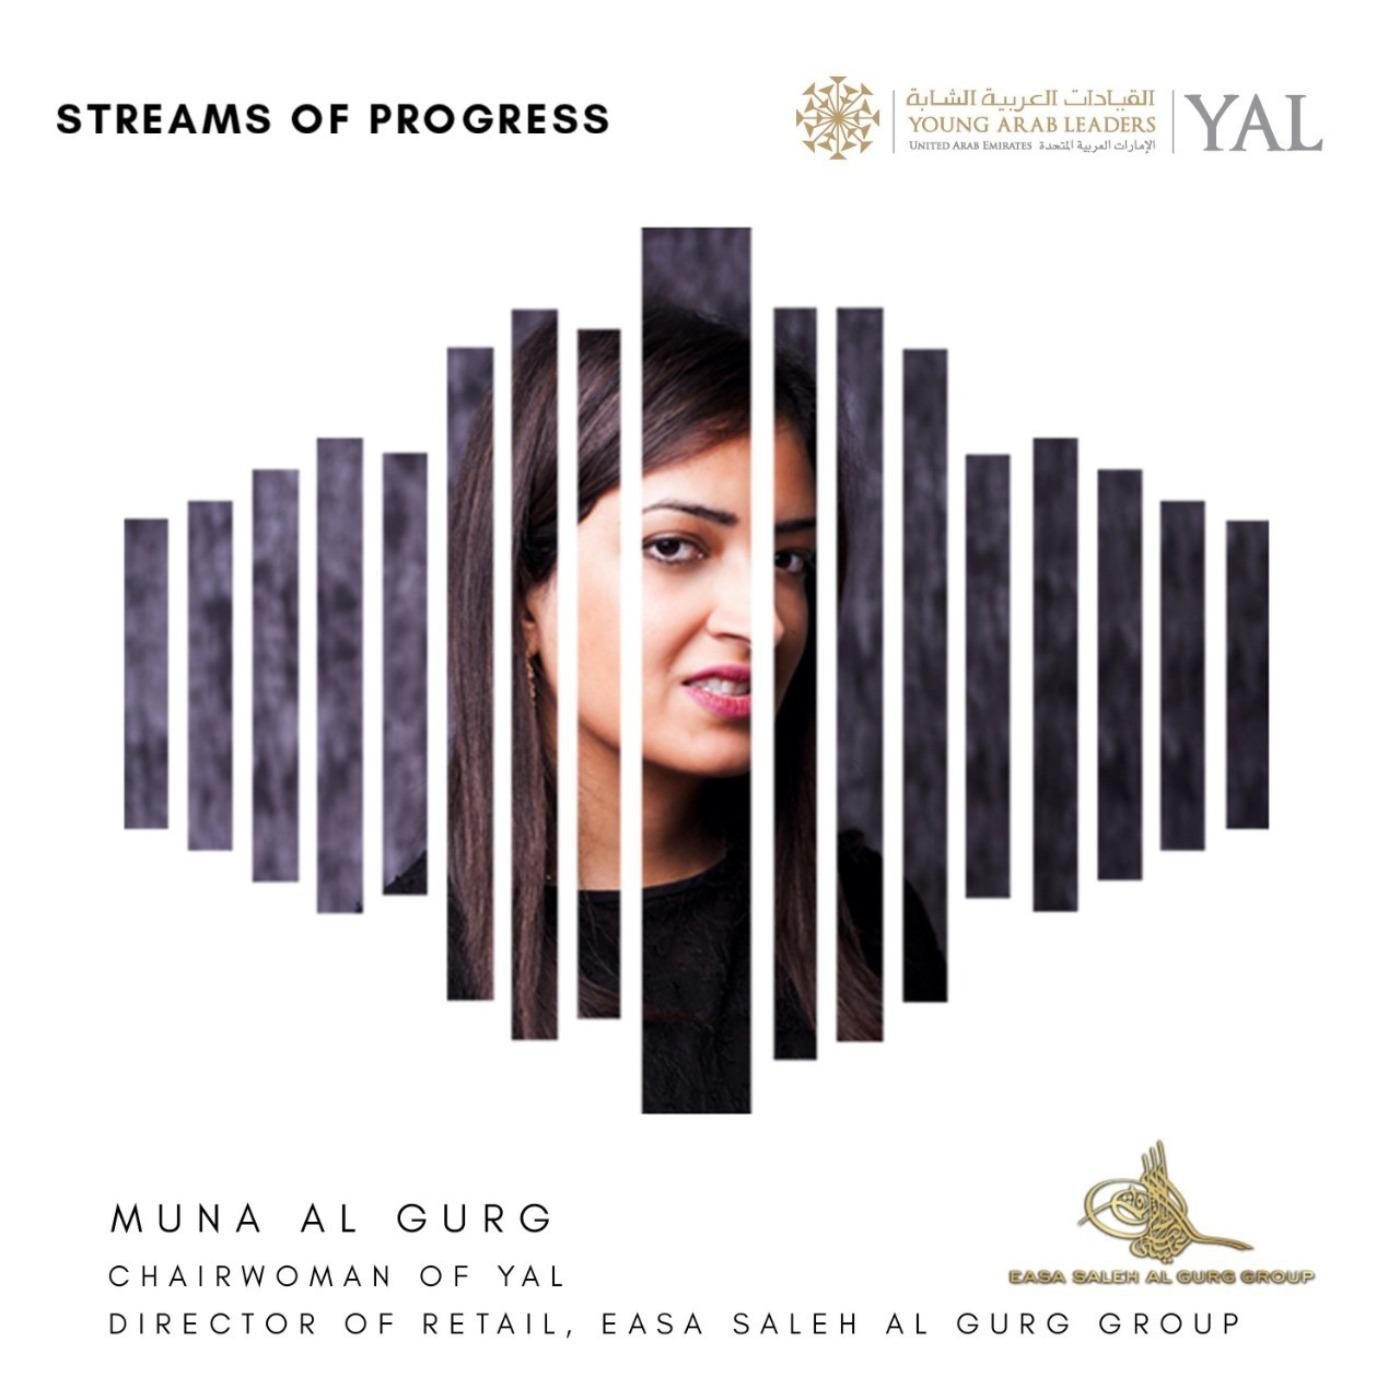 YAL - Muna Al Gurg, Easa Saleh Al Gurg Group